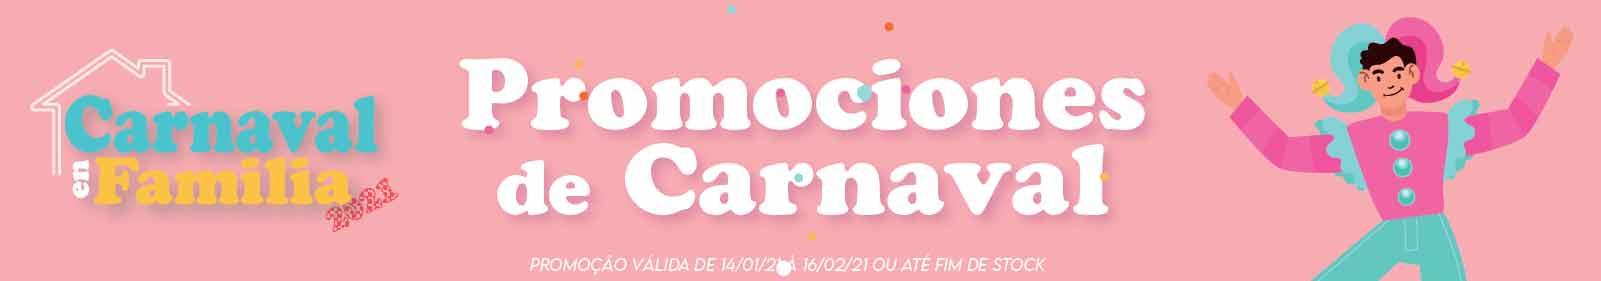 Promociones de Carnaval